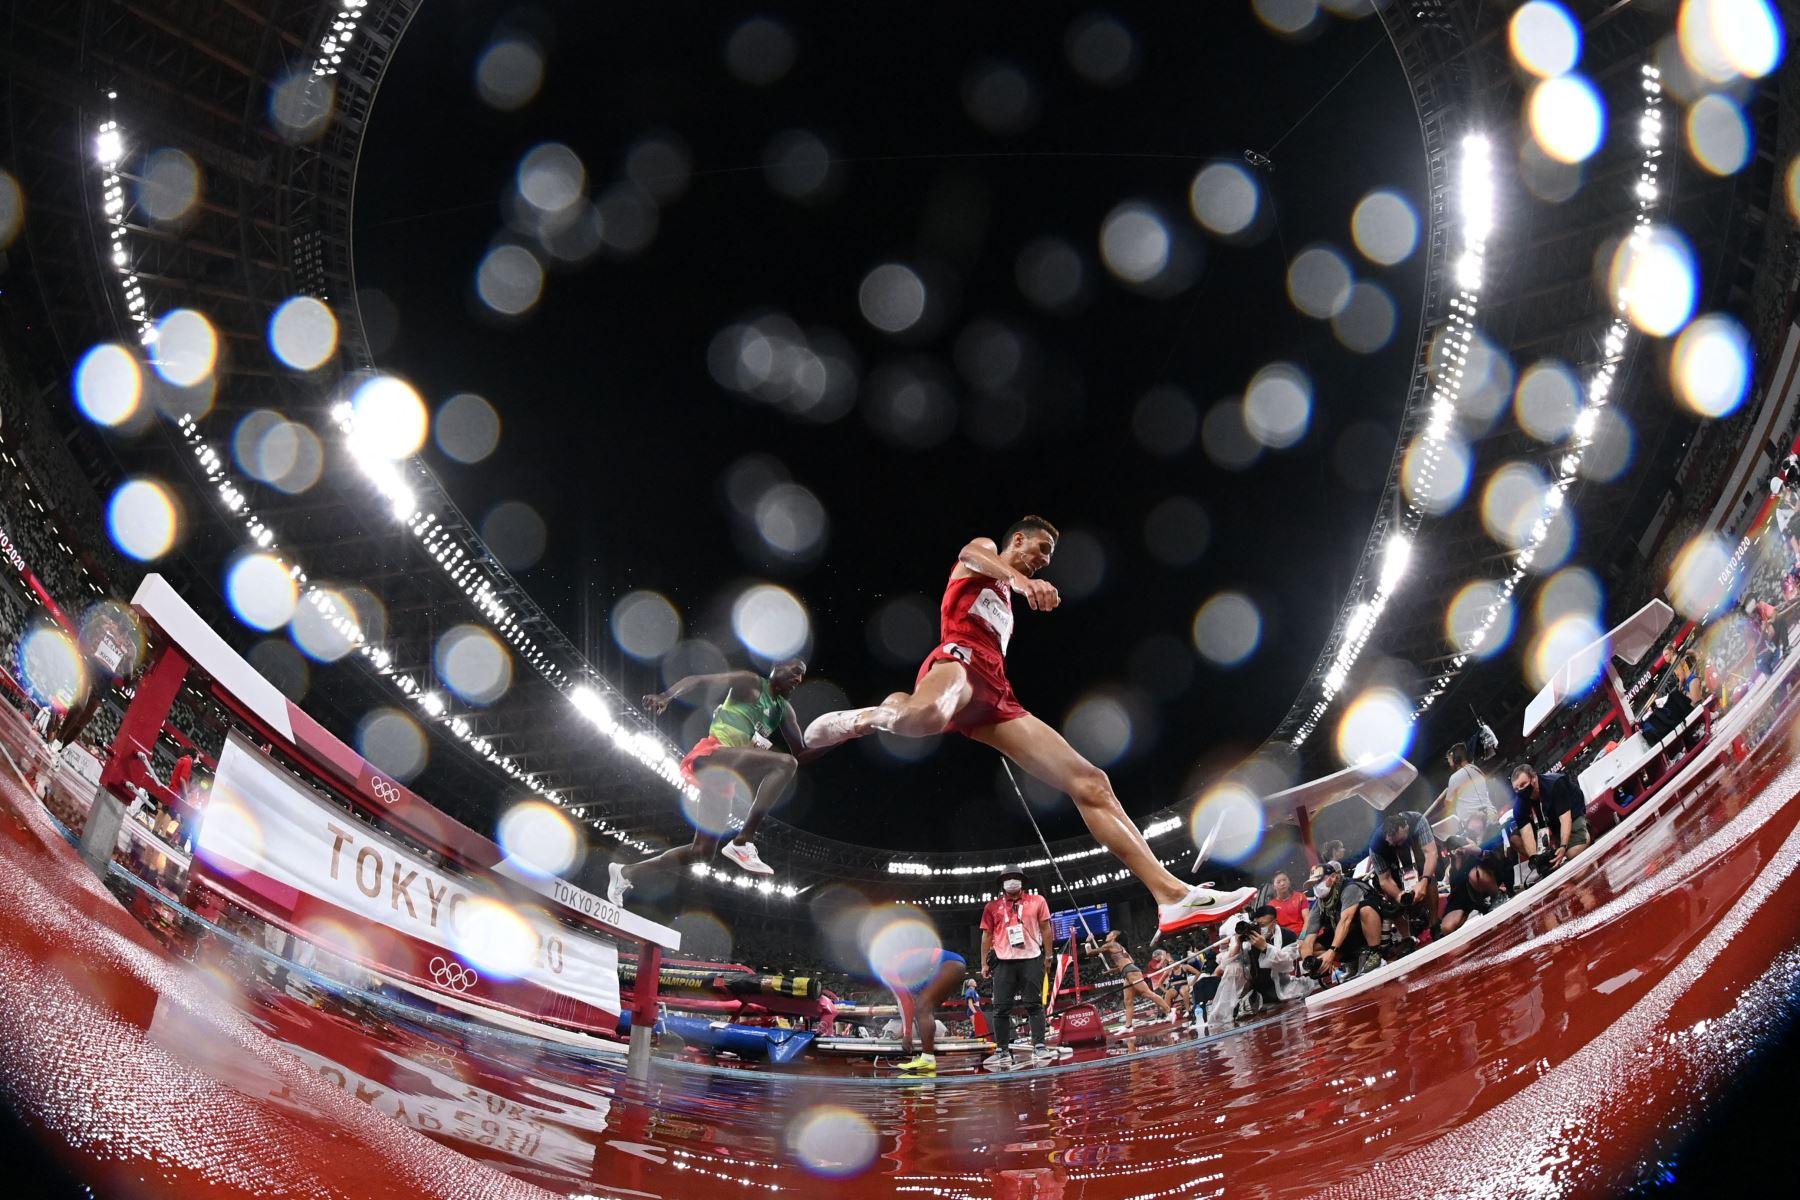 Soufiane El Bakkali de Marruecos compite en la final masculina de carrera de obstáculos de 3000 m durante los Juegos Olímpicos de Tokio 2020 en el Estadio Olímpico de Tokio. Foto: AFP